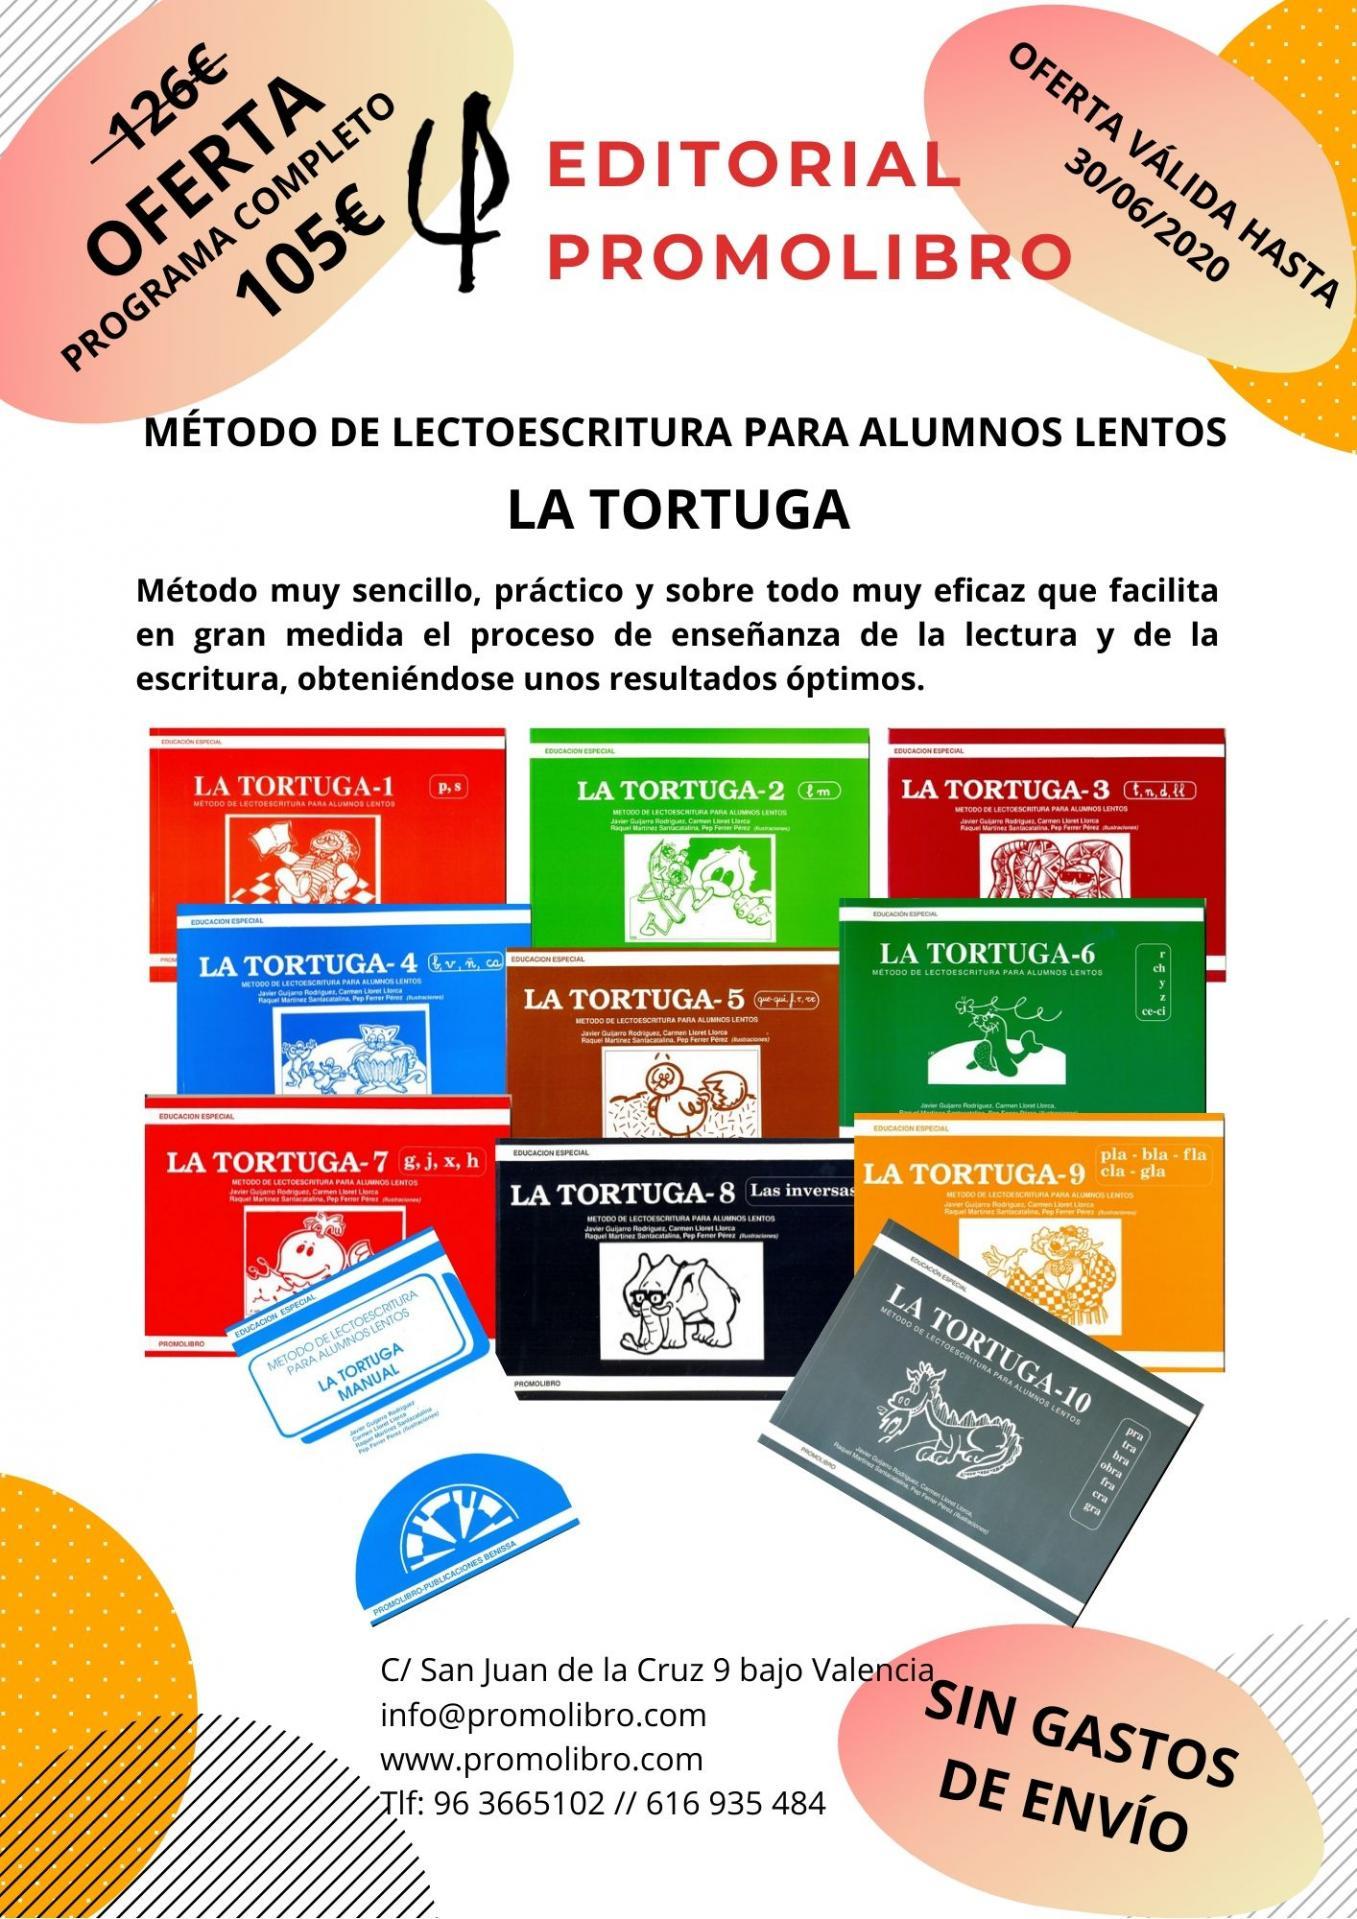 OFERTA MÉTODO DE LECTOESCRITURA PARA ALUMNOS LENTOS. LA TORTUGA